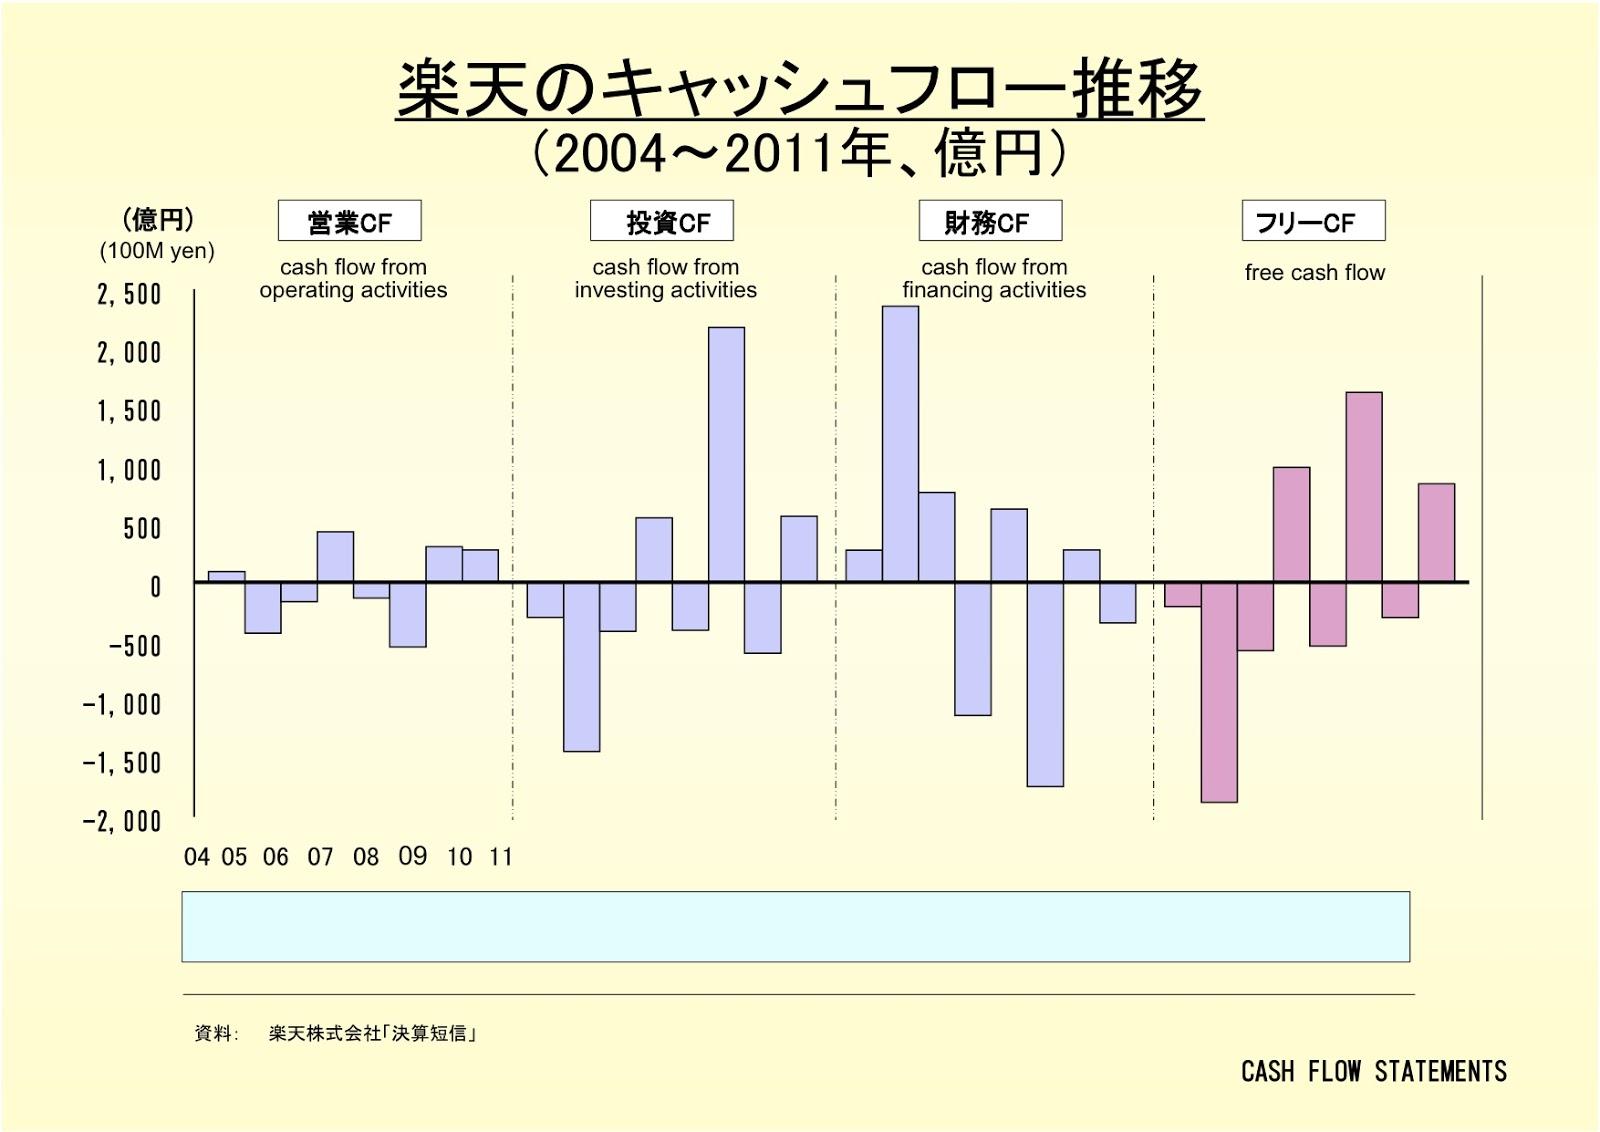 楽天株式会社のキャッシュフロー推移